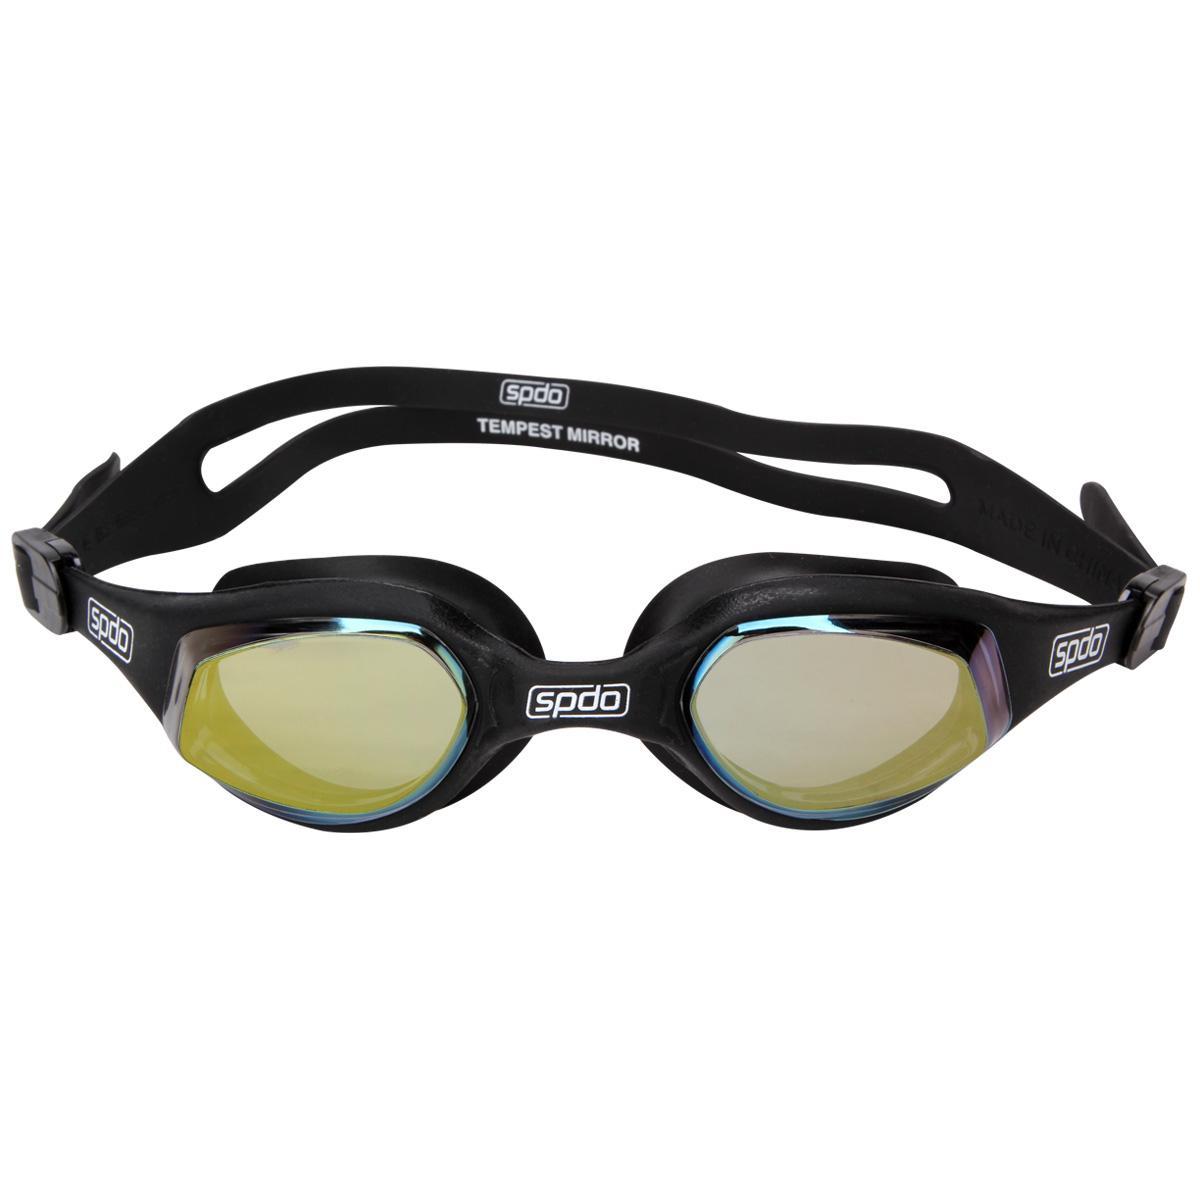 b00c114e13128 Óculos Tempest Mirror Speedo - Natação - Magazine Luiza